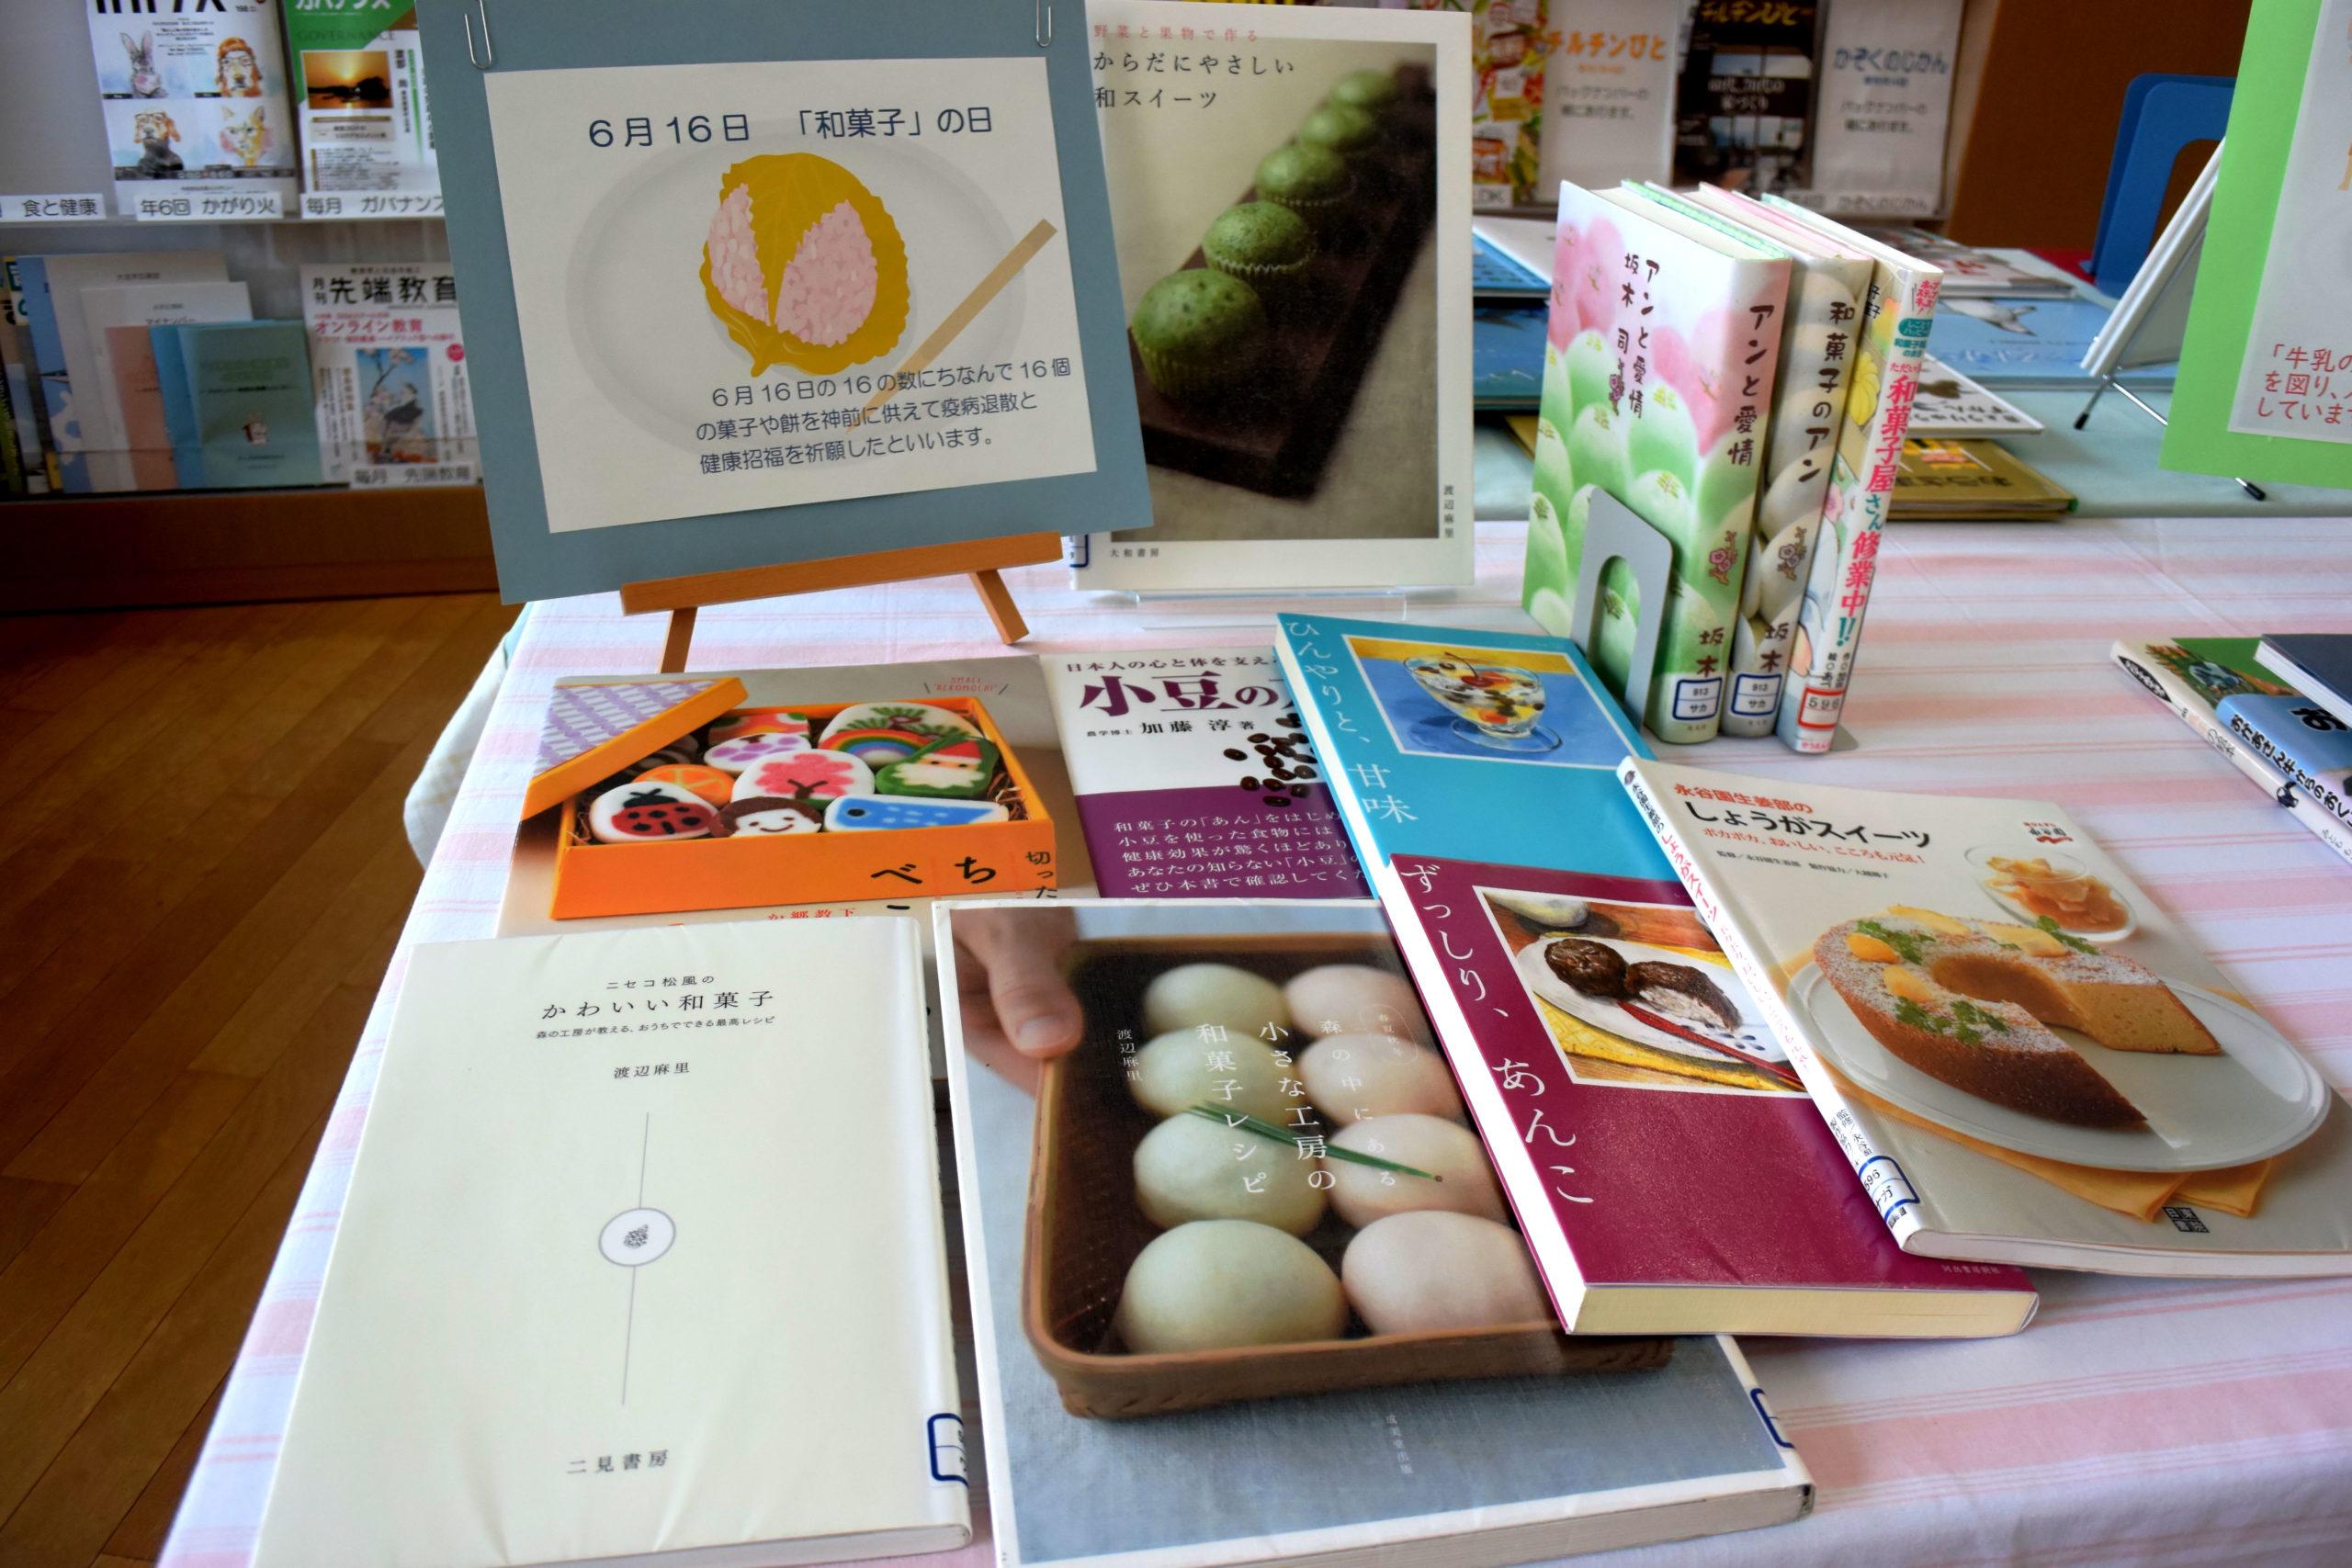 今日は何の日 6月16日は「和菓子の日」